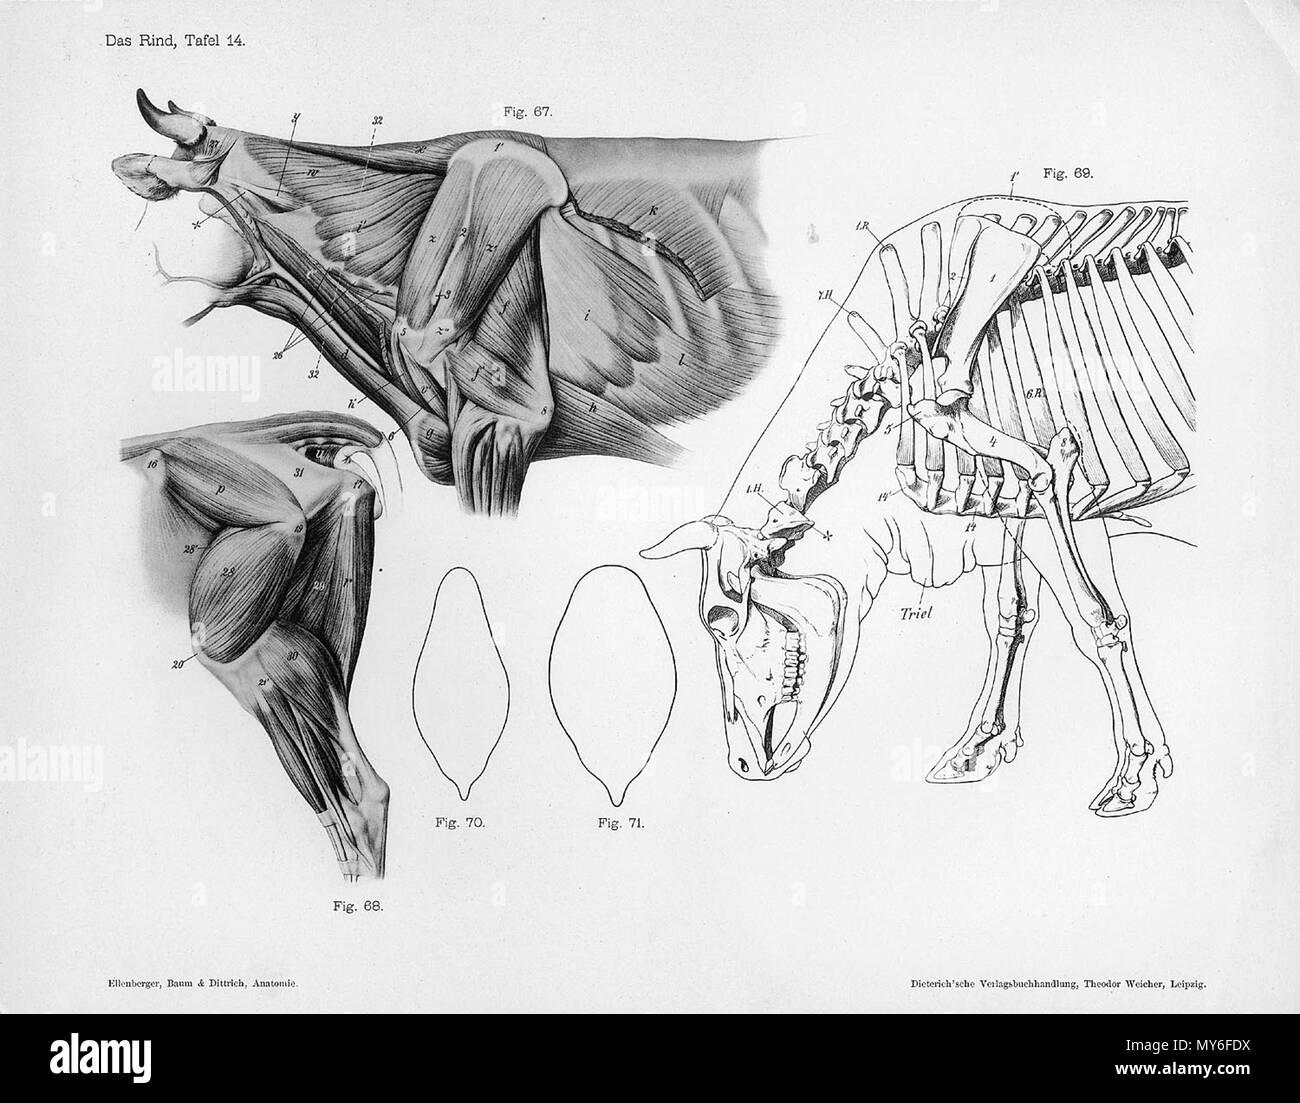 . Anatómica Animal grabado de Handbuch der Anatomie der Tiere für Künstler - Hermann Dittrich, Illustrator. 1889 y 1911-1925. Wilhelm Ellenberger y Hermann Baum 126 Vaca musculatura anatomía Foto de stock